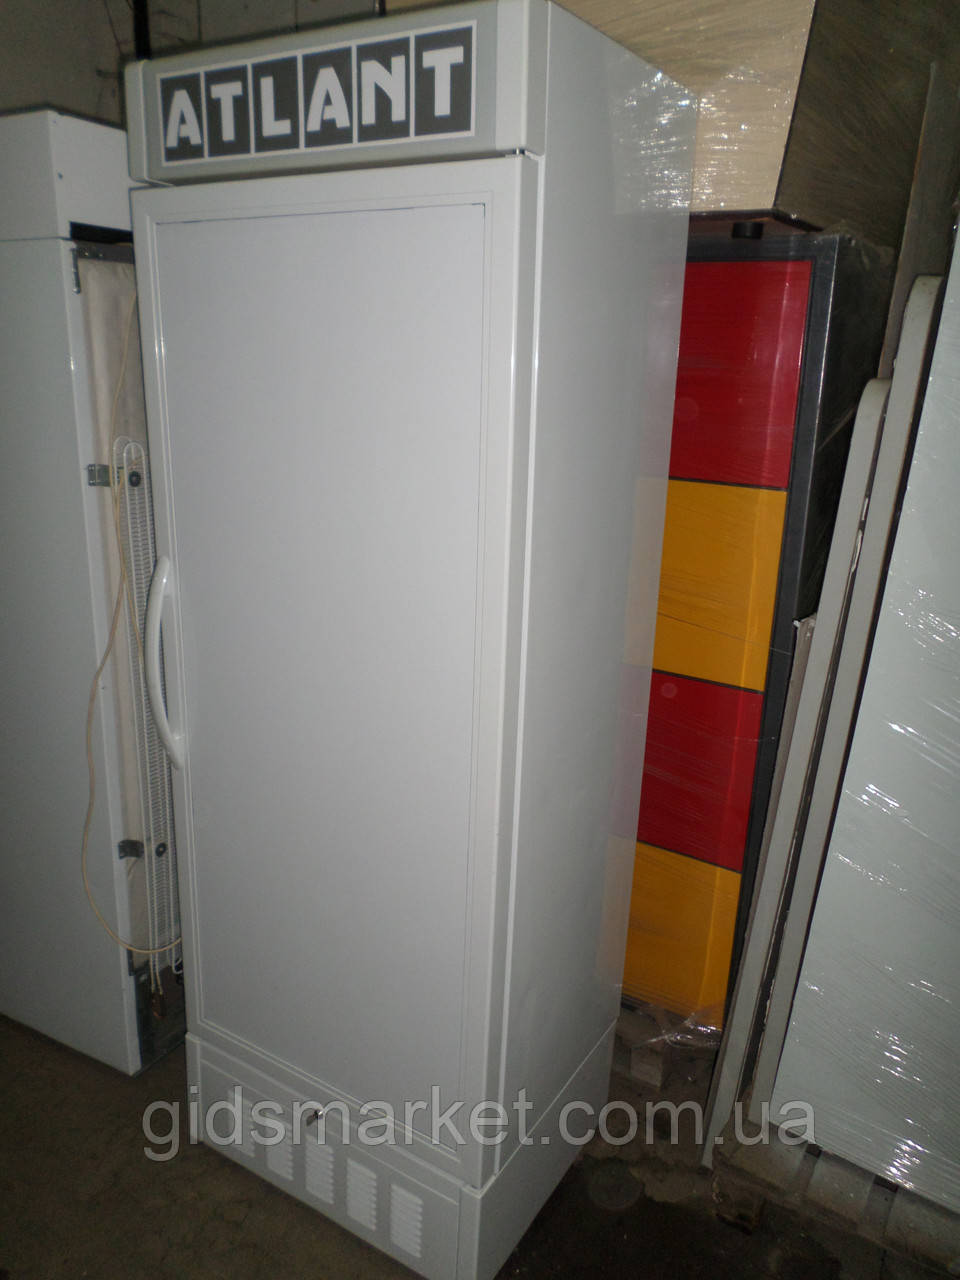 Холодильный шкаф Атлант ХТ 1000 бу., холодильник бу